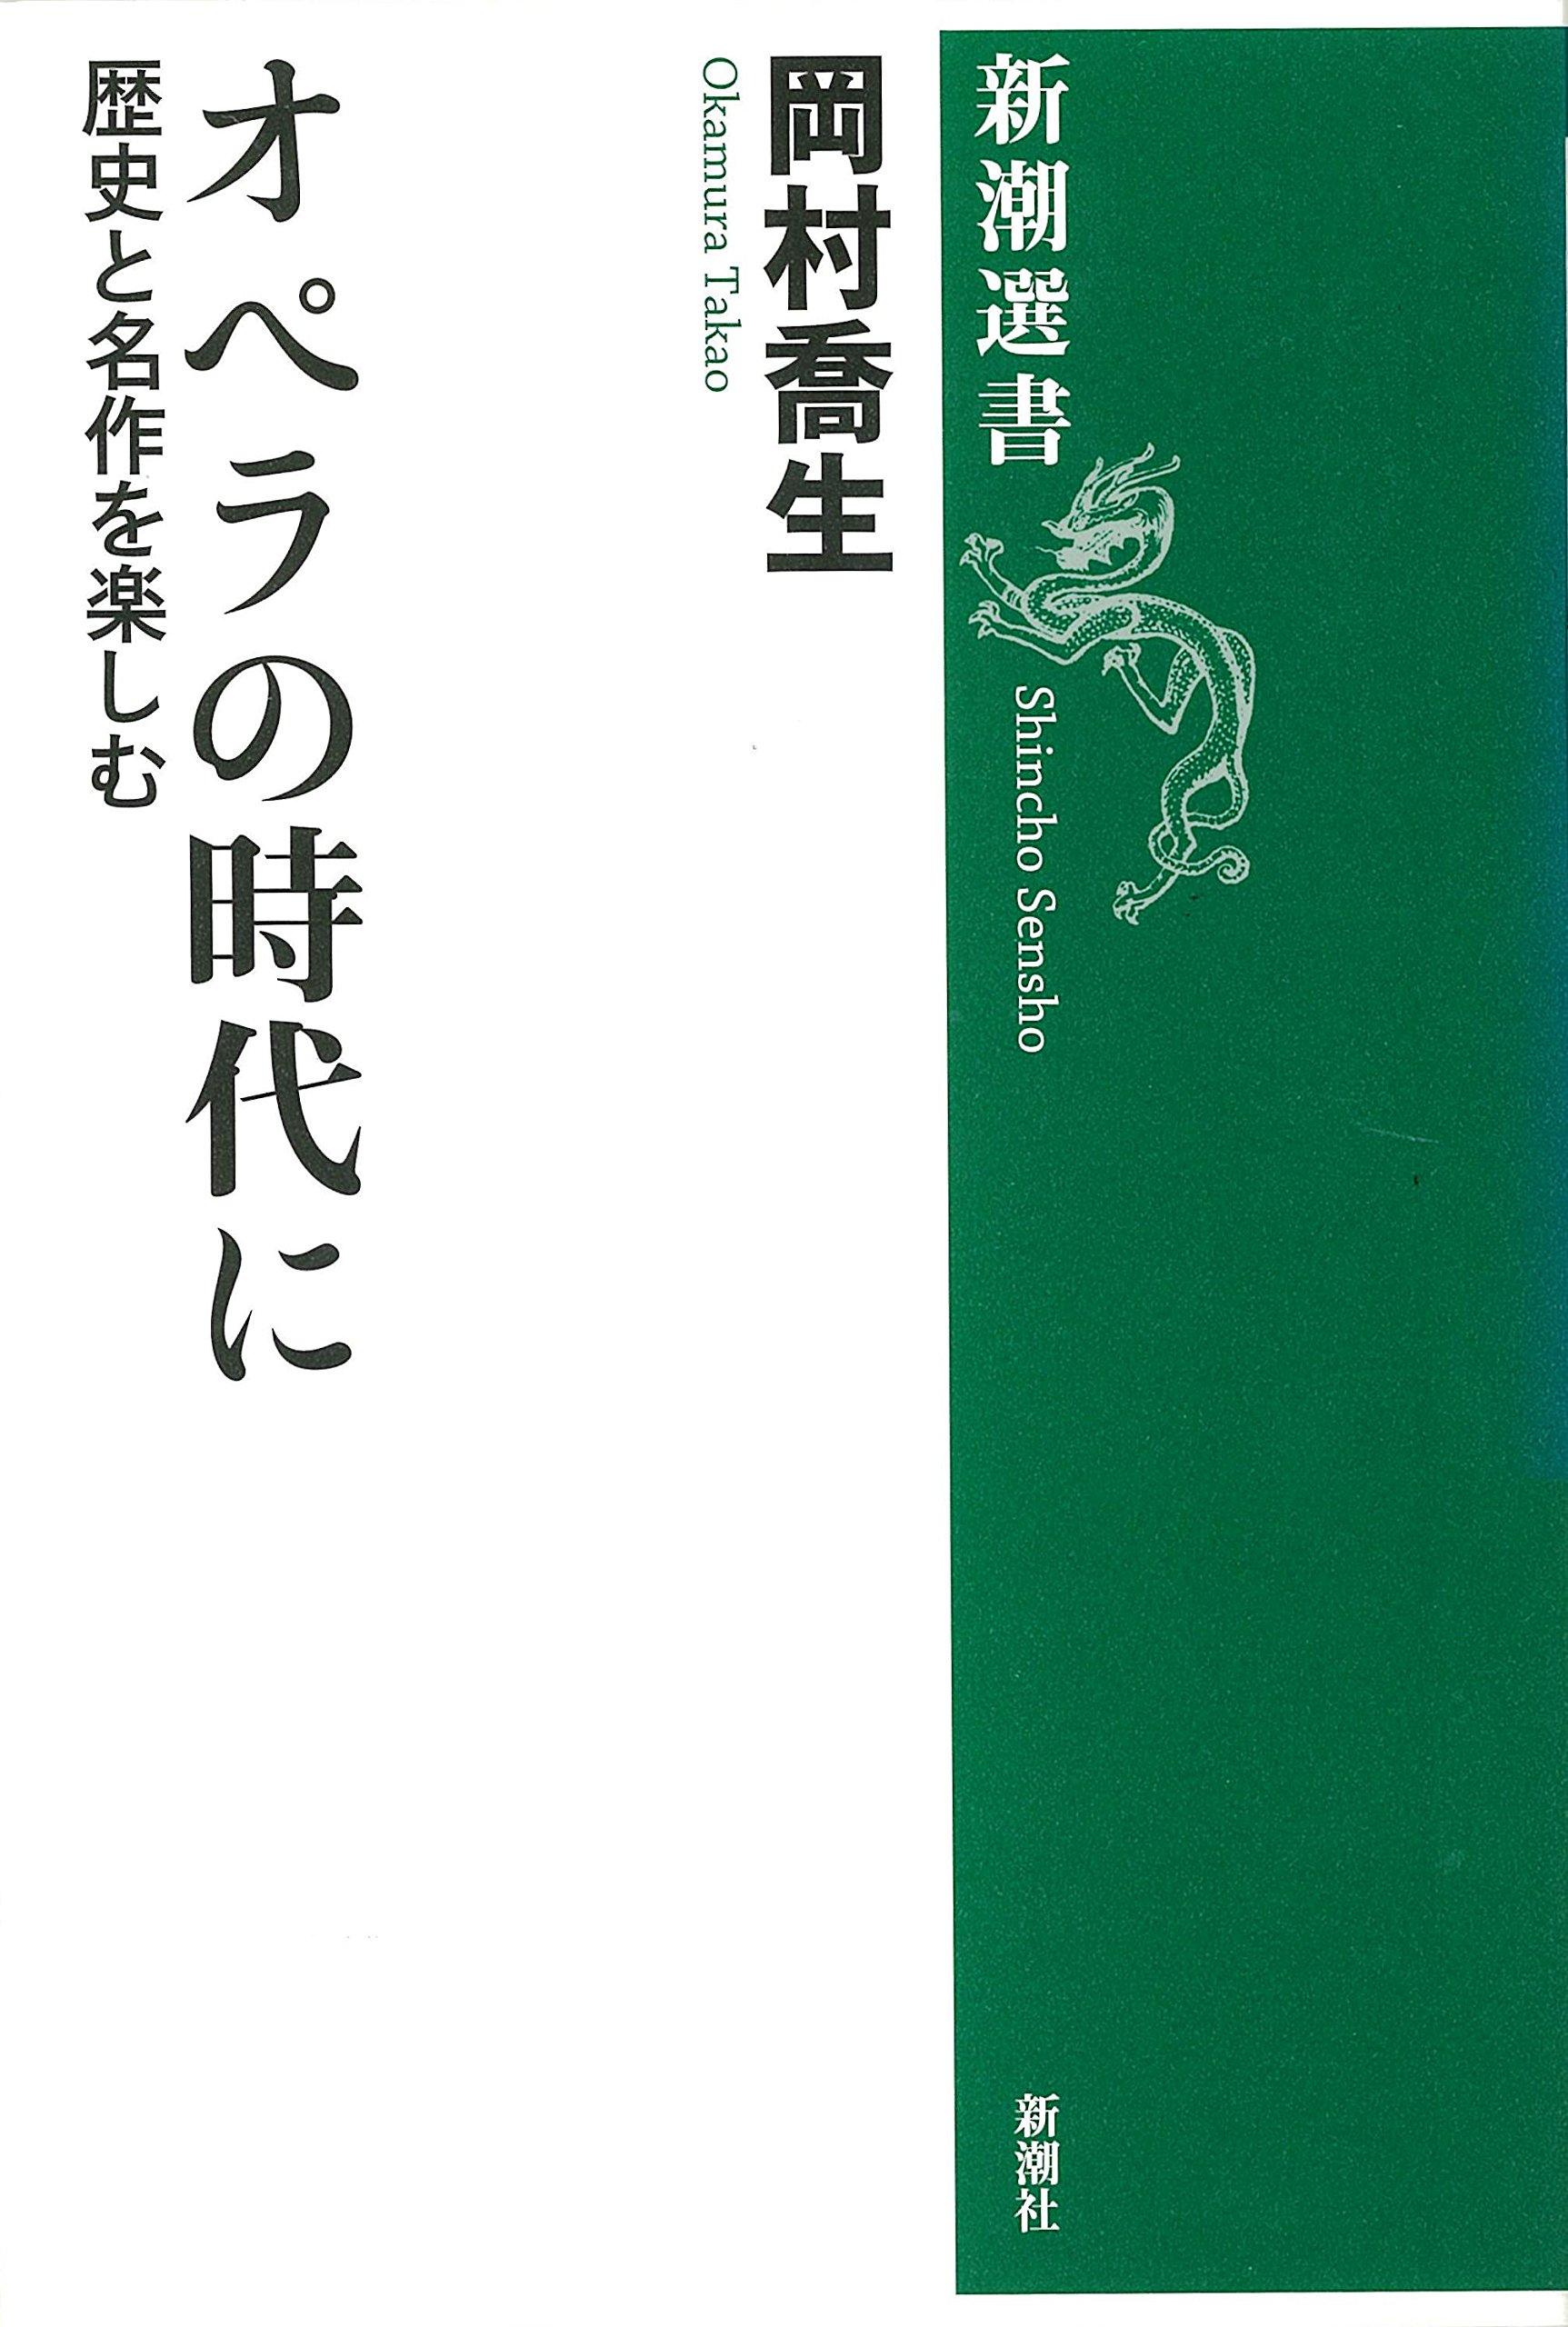 岡村 喬生(Takao Okamura)Amazonより